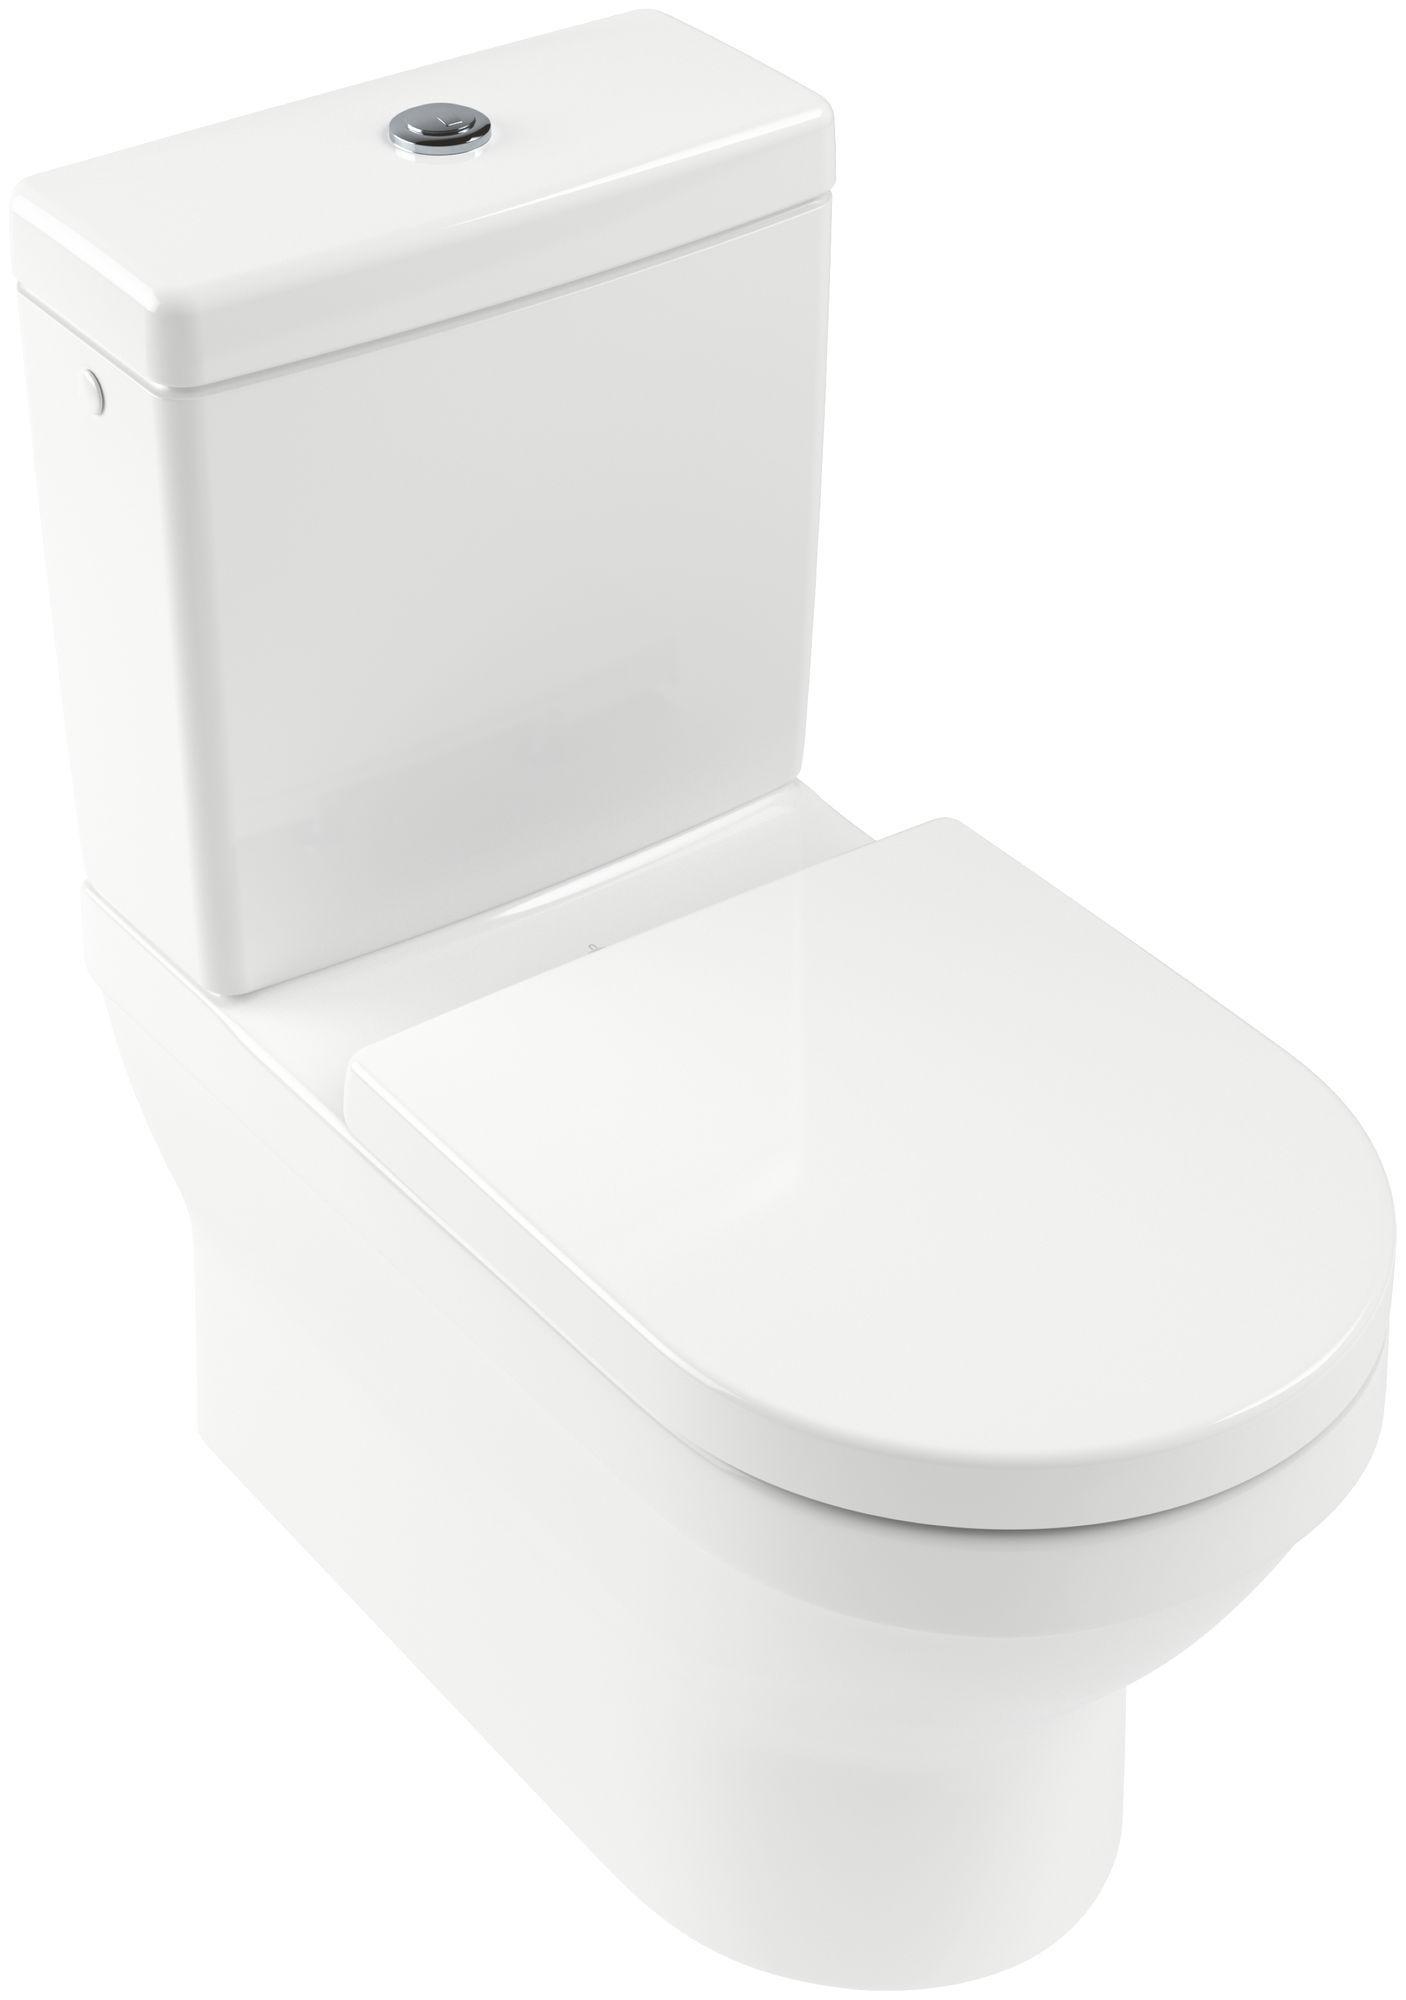 Villeroy & Boch Architectura Tiefspül-Stand-WC für Aufsatzspülkasten L:70xB:37cm Weiß Alpin mit Ceramicplus 568610R1